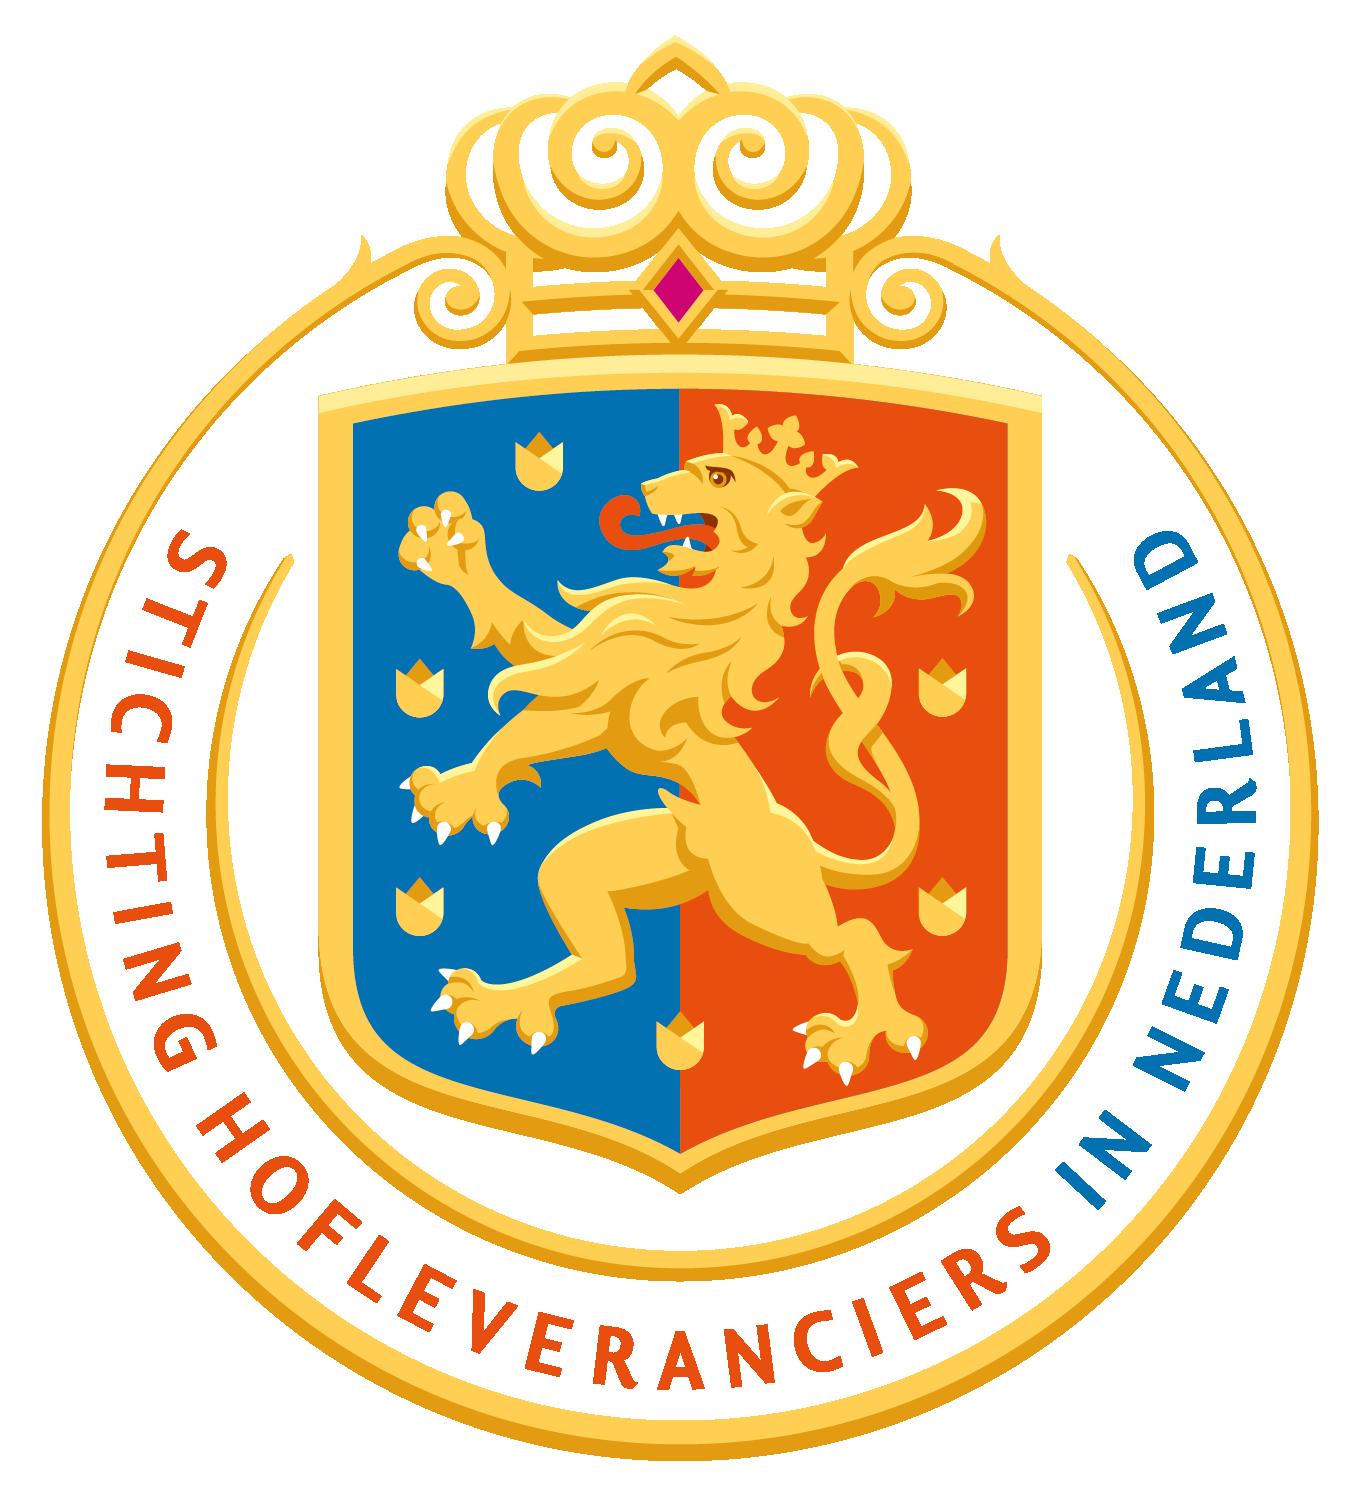 Stichting Hofleverancier logo